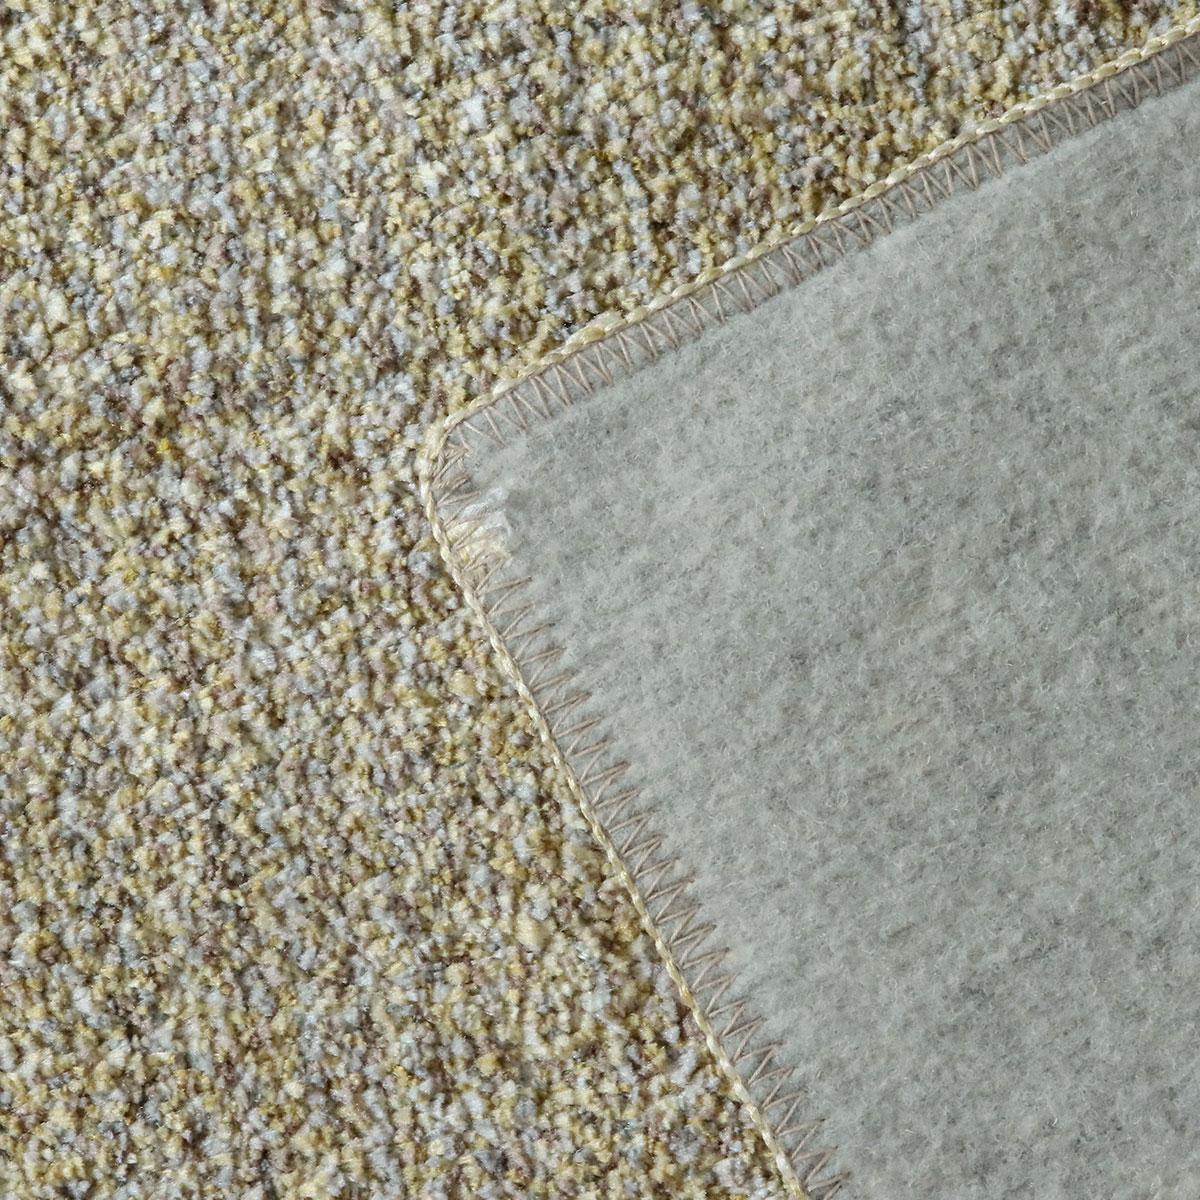 裏面は床を傷つけにくい不織布貼り。ホットカーペット・床暖房対応。